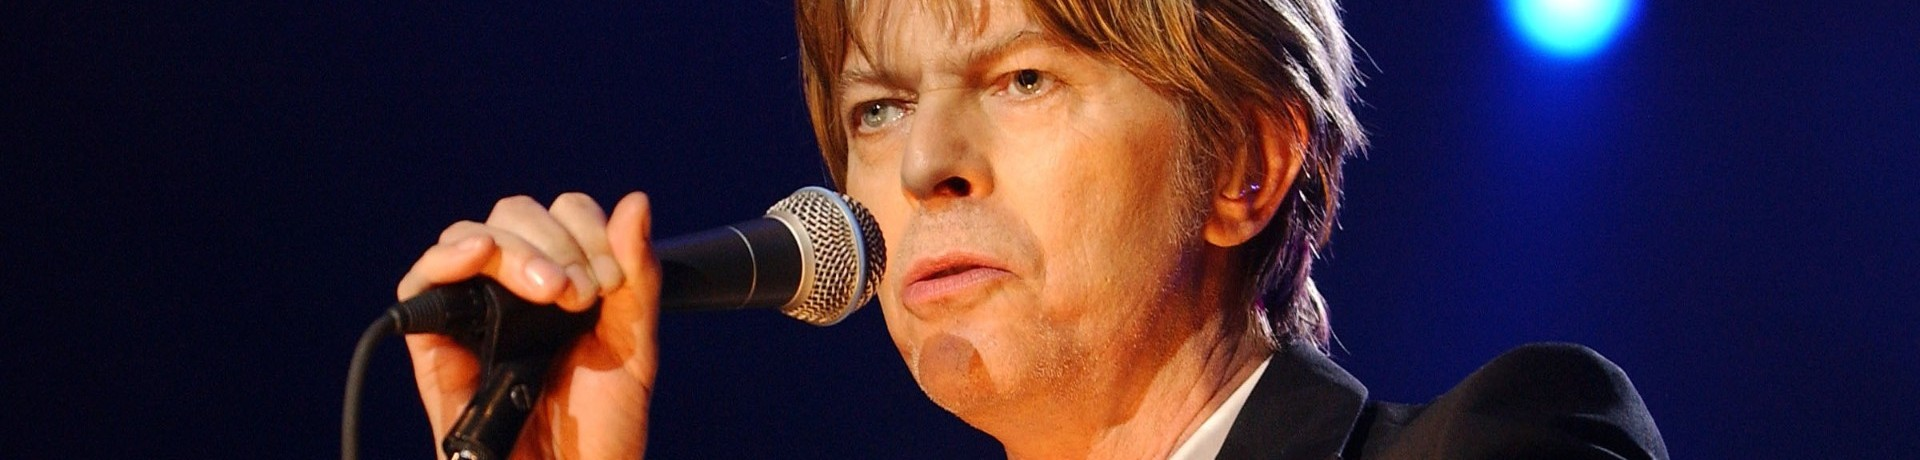 David Bowie, ici le 1er juillet 2002 à l'Olympia, a sorti un nouveau titre sur la Première Guerre mondiale. (archives)